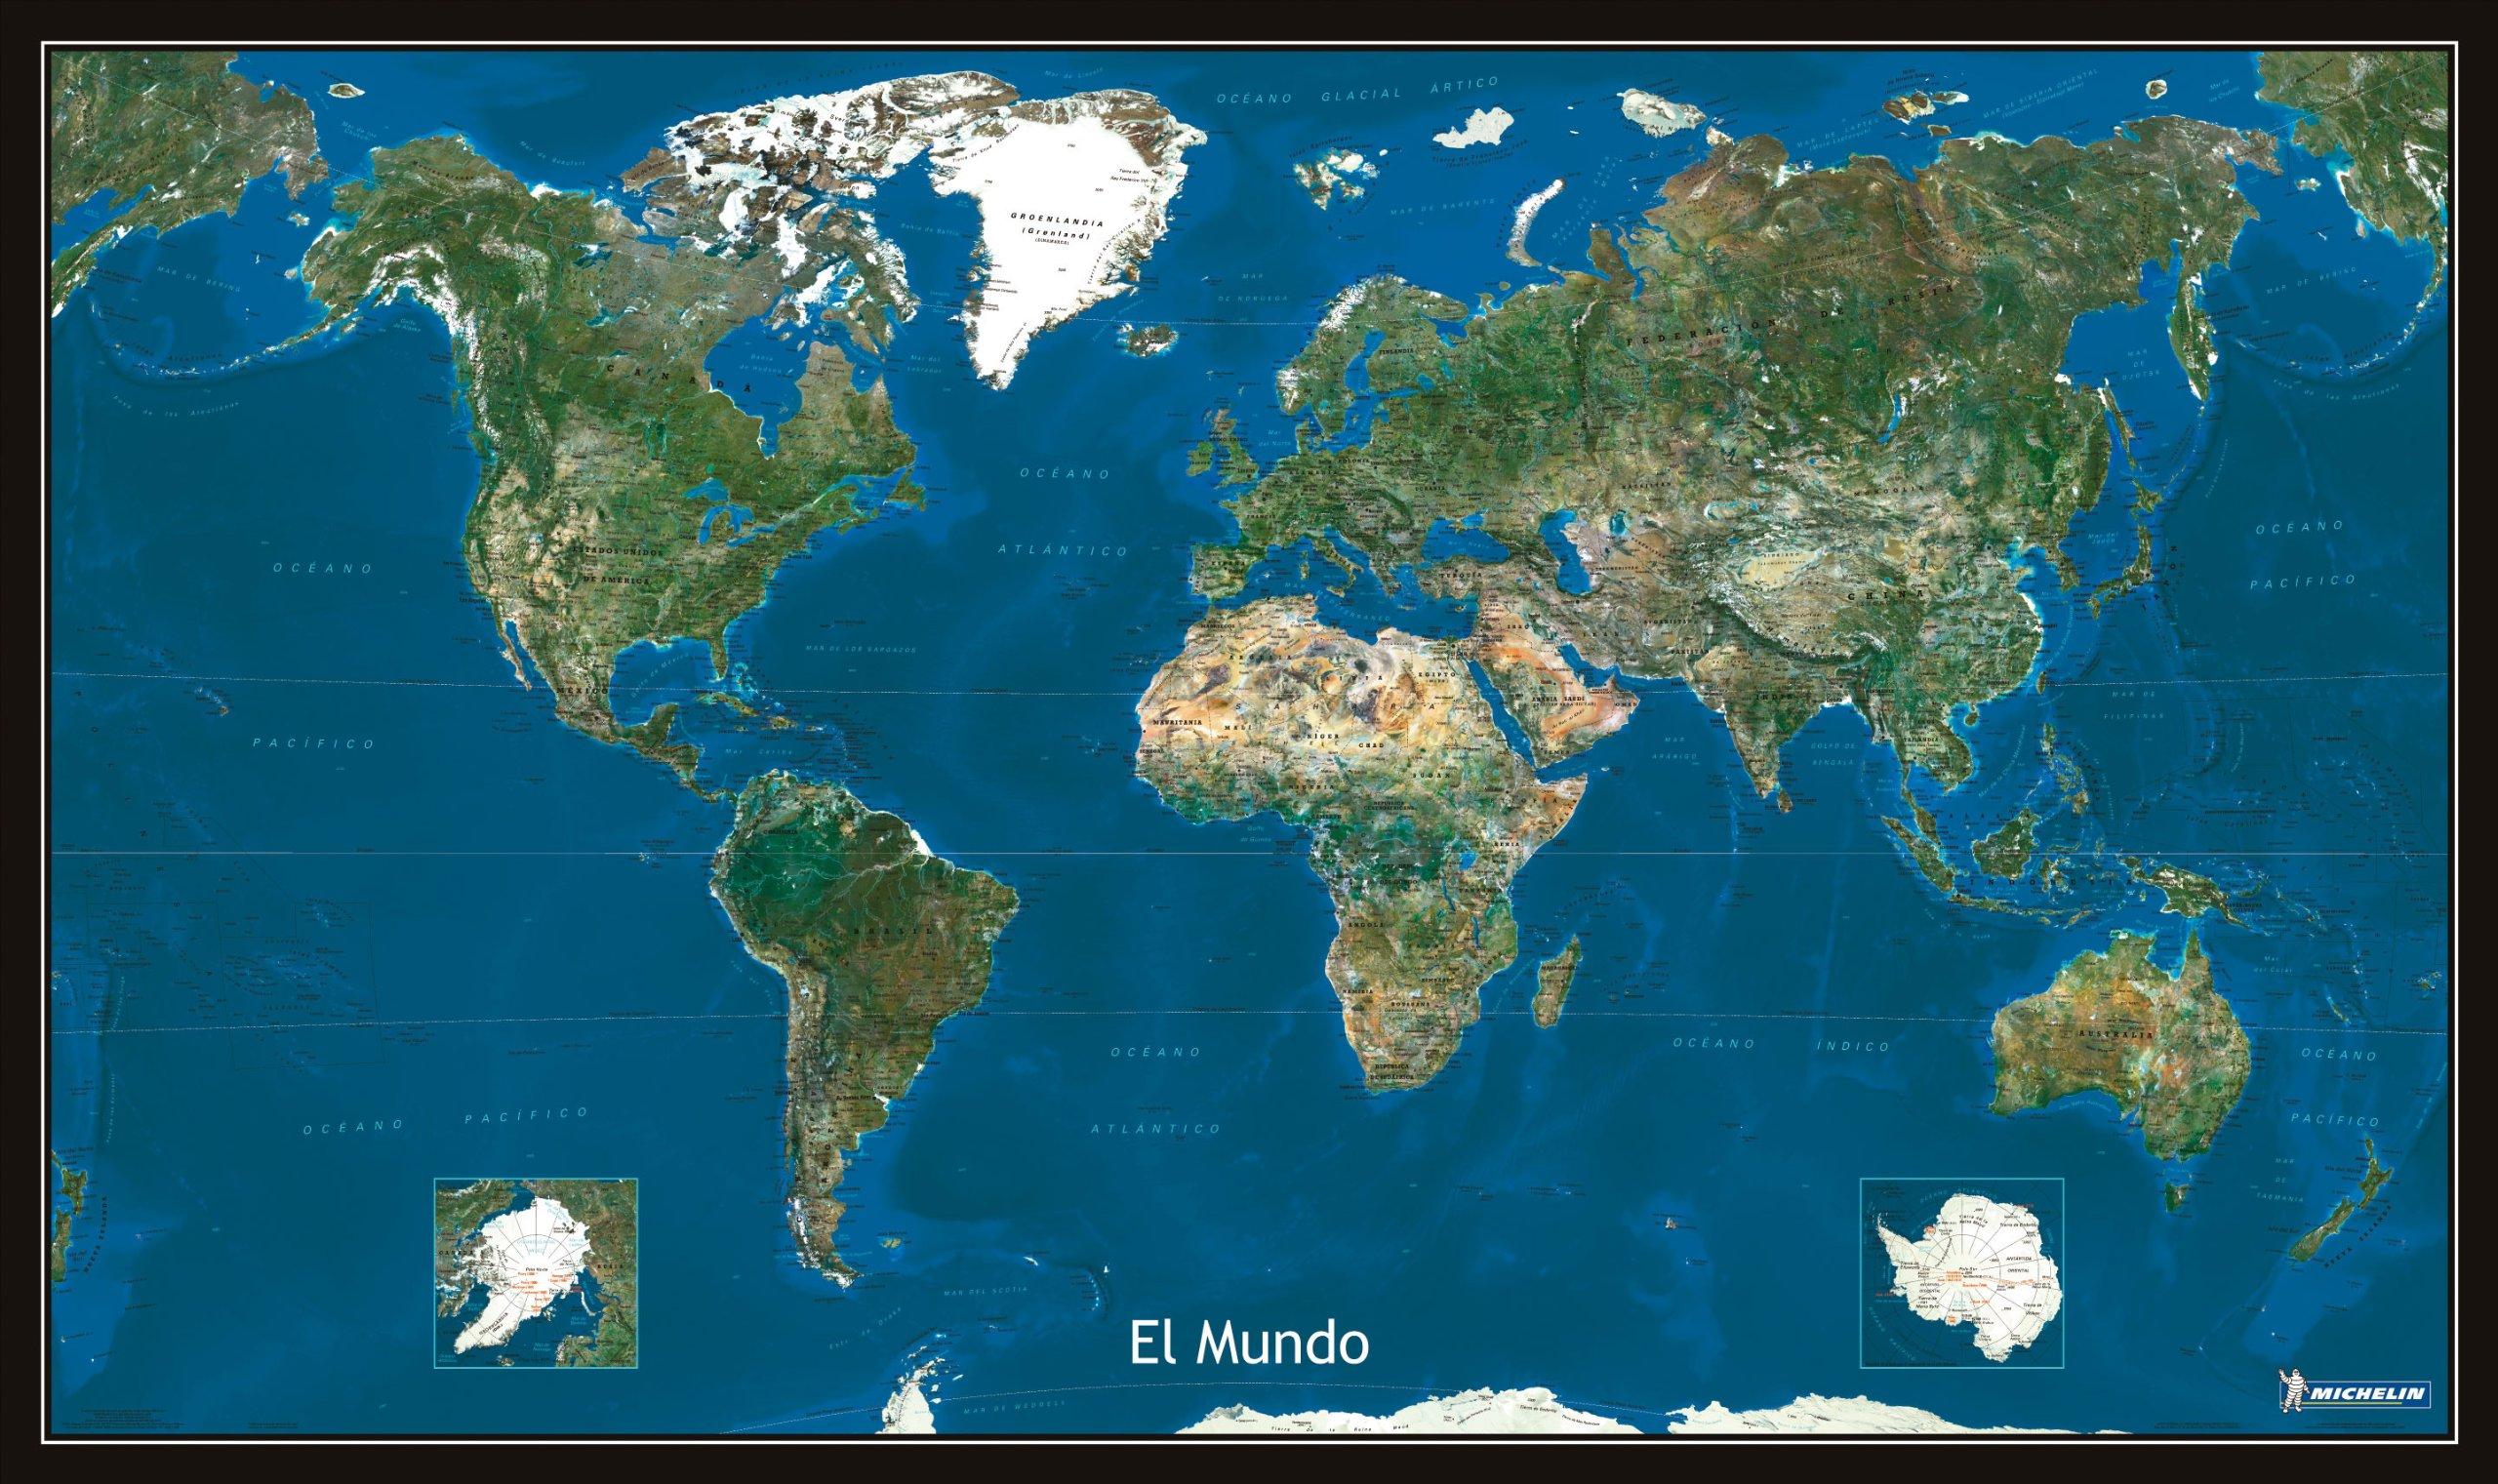 Mapa Plastificado Planisferio Foto Satélite Mapas en tubo y plastificados Michelin: Amazon.es: Vv.Aa.: Libros